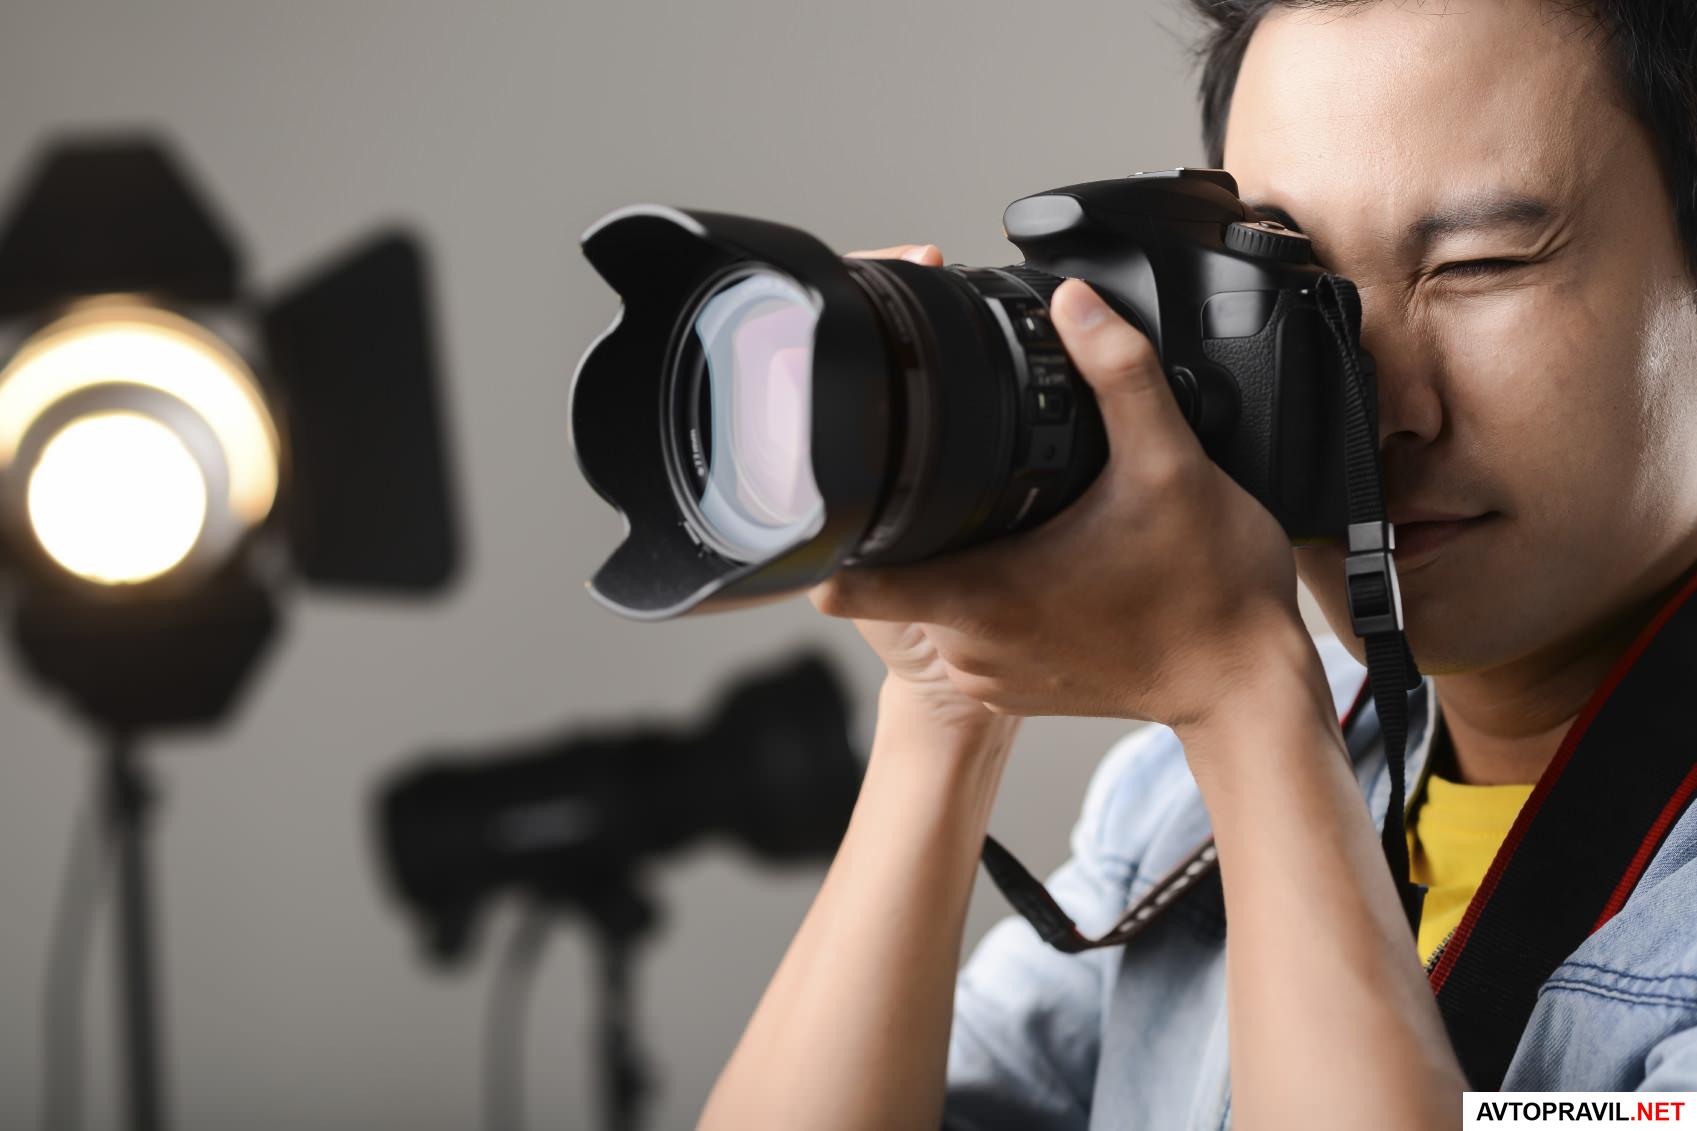 Фотограф, держащий фотоаппарат в руках